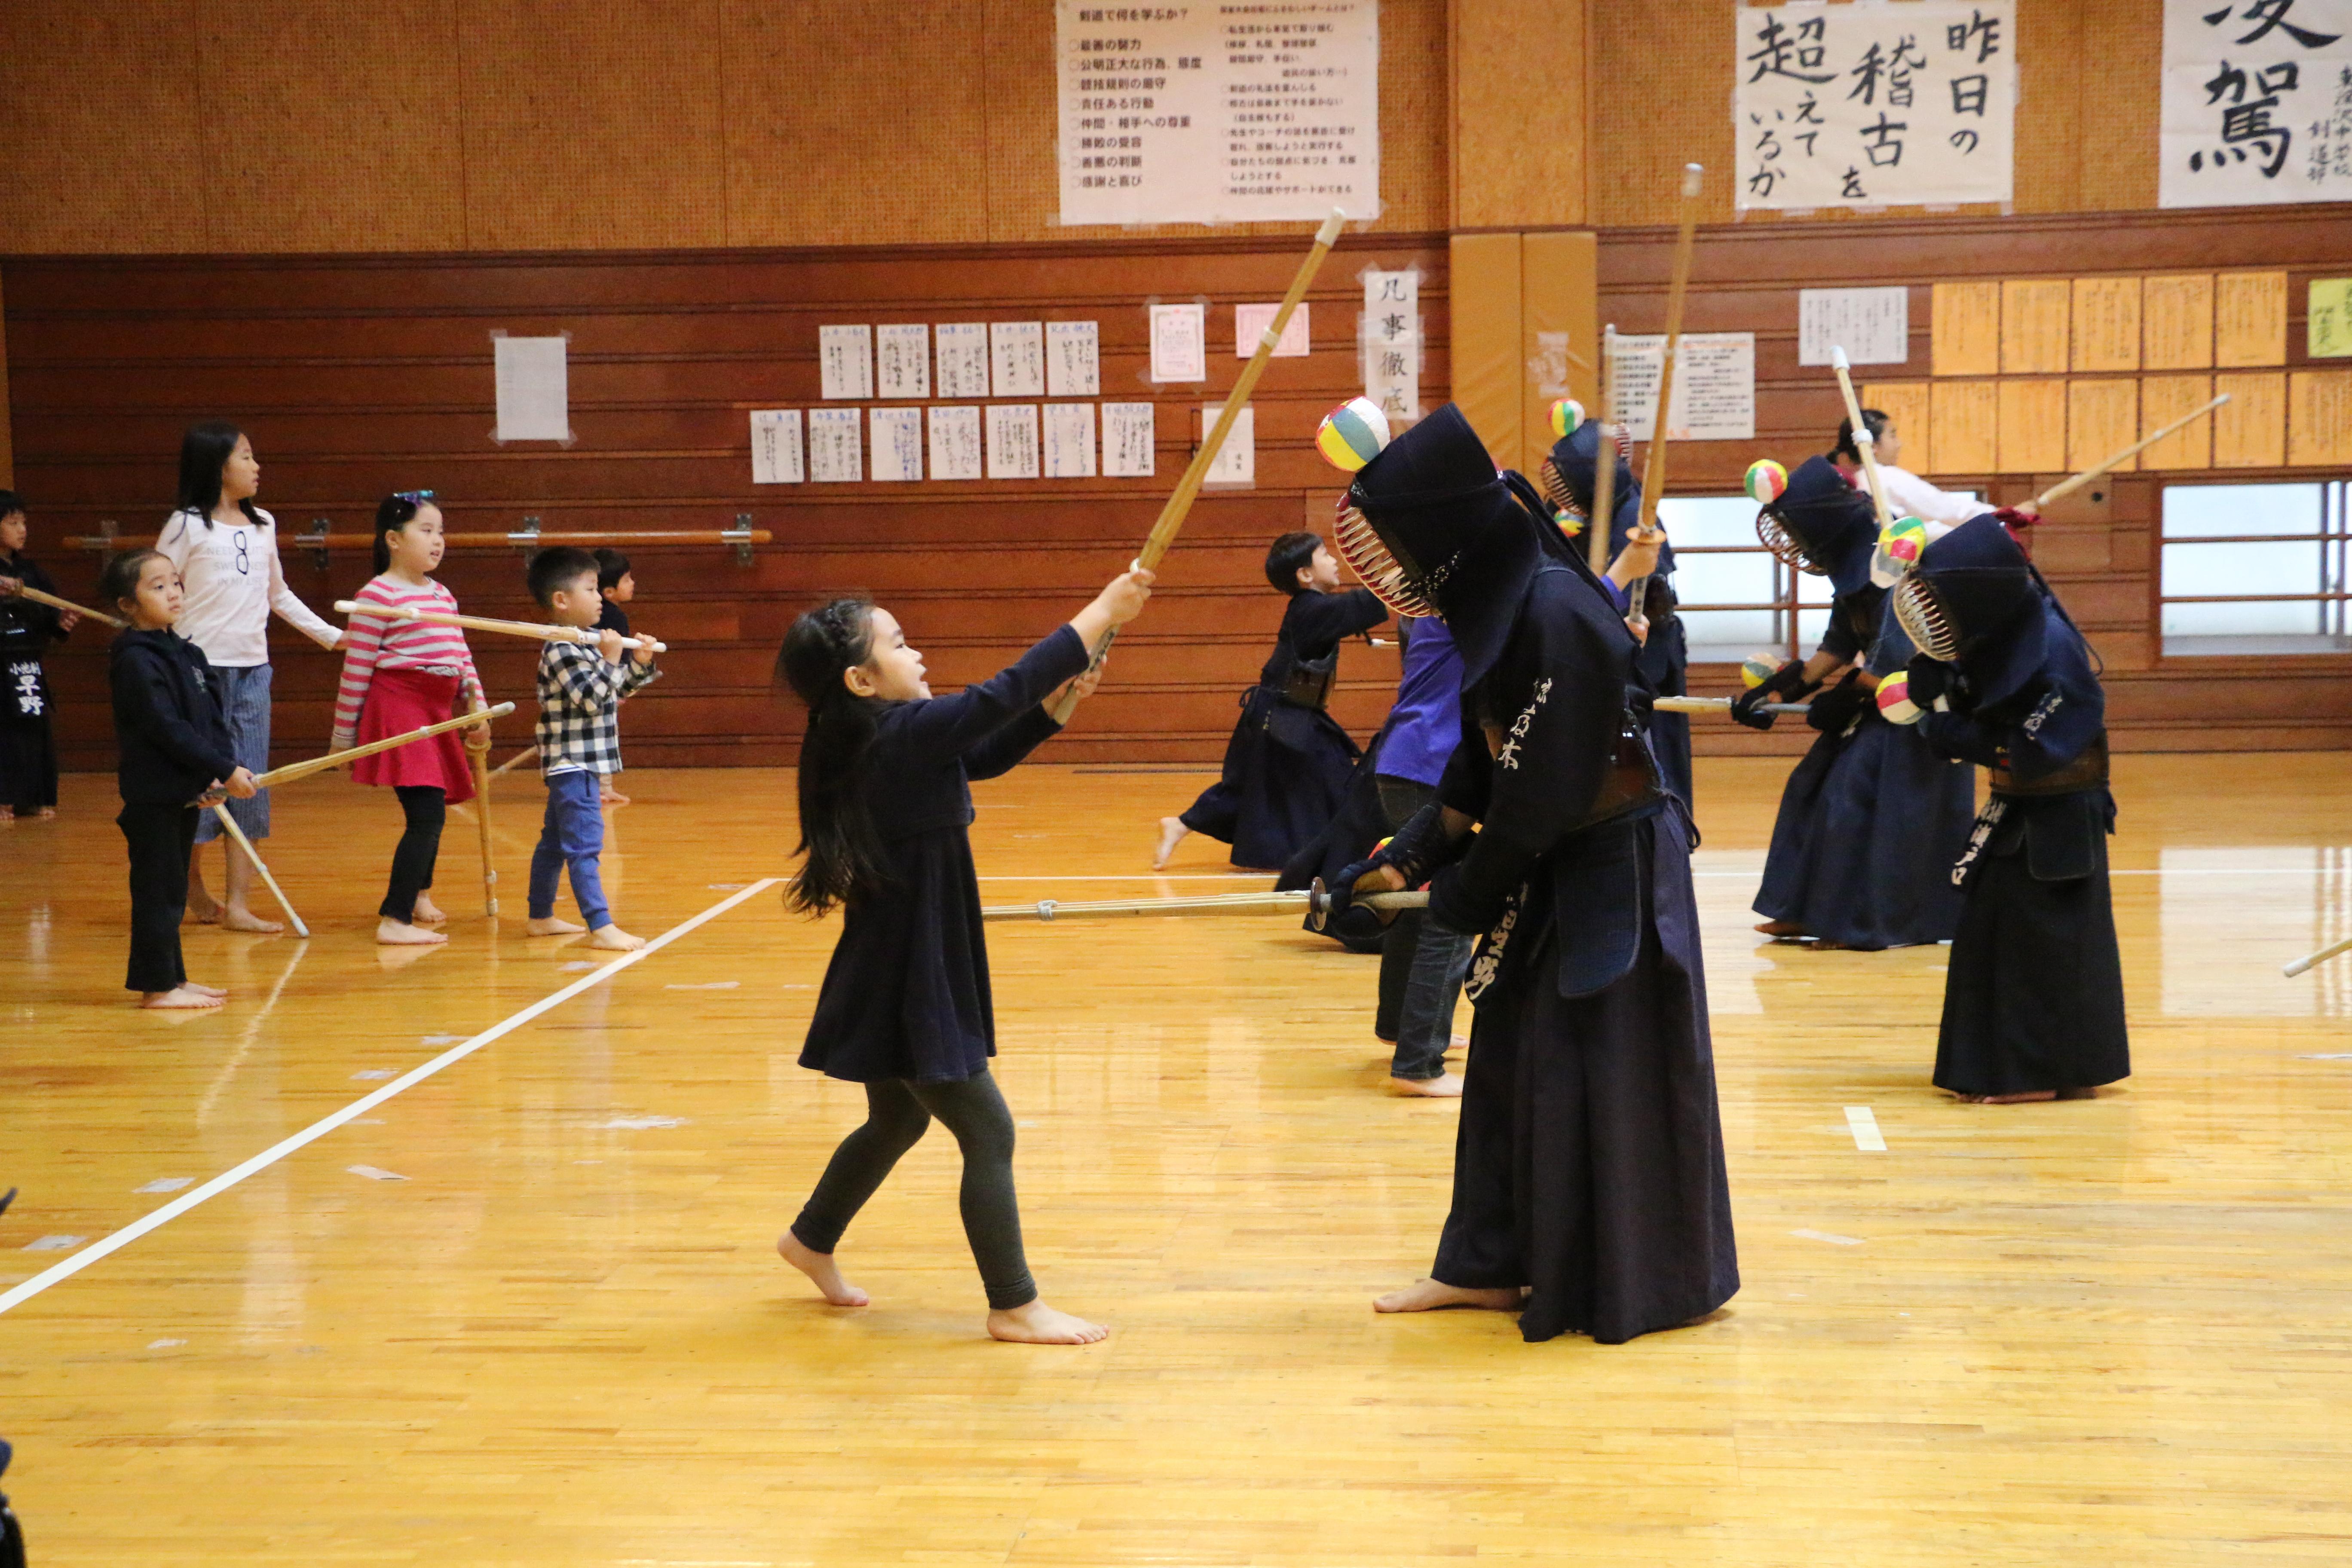 剣道体験に小さな剣士たちが参加